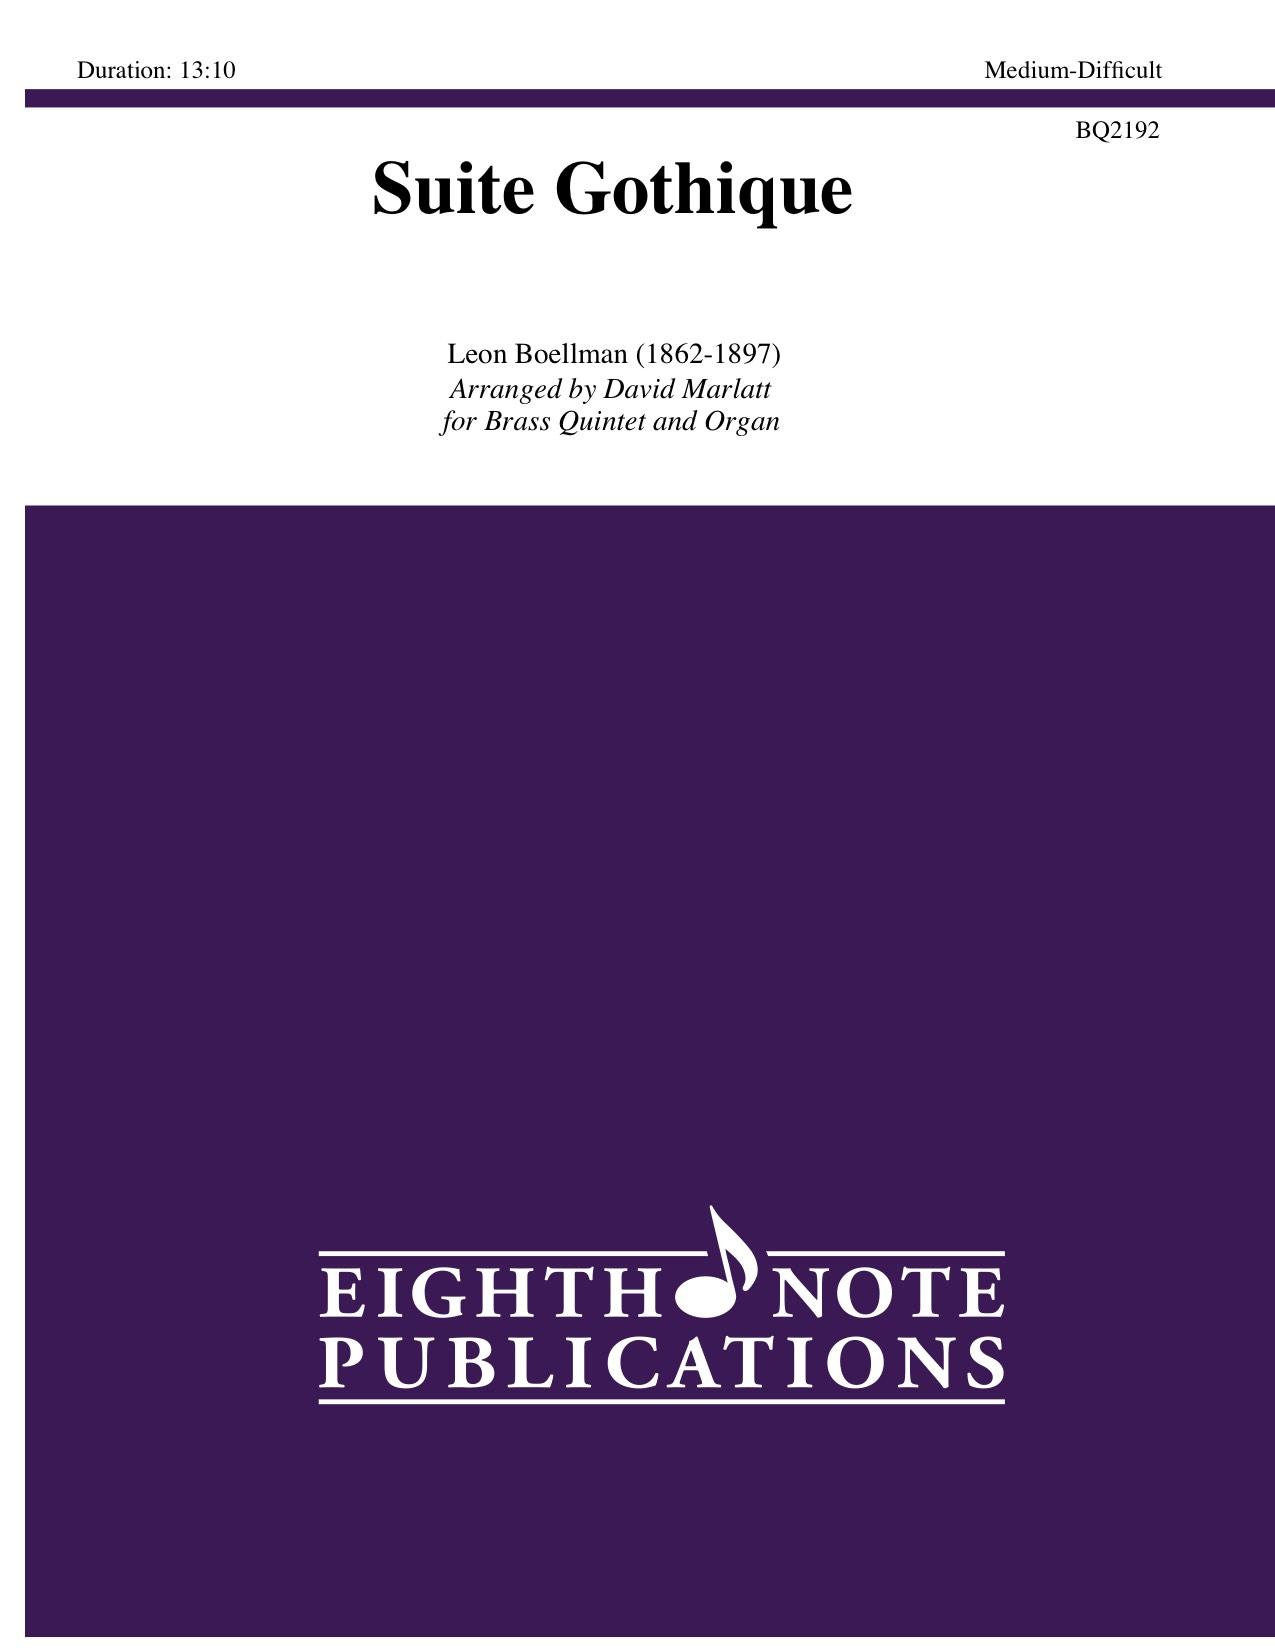 Suite Gothique - Leon Boellman